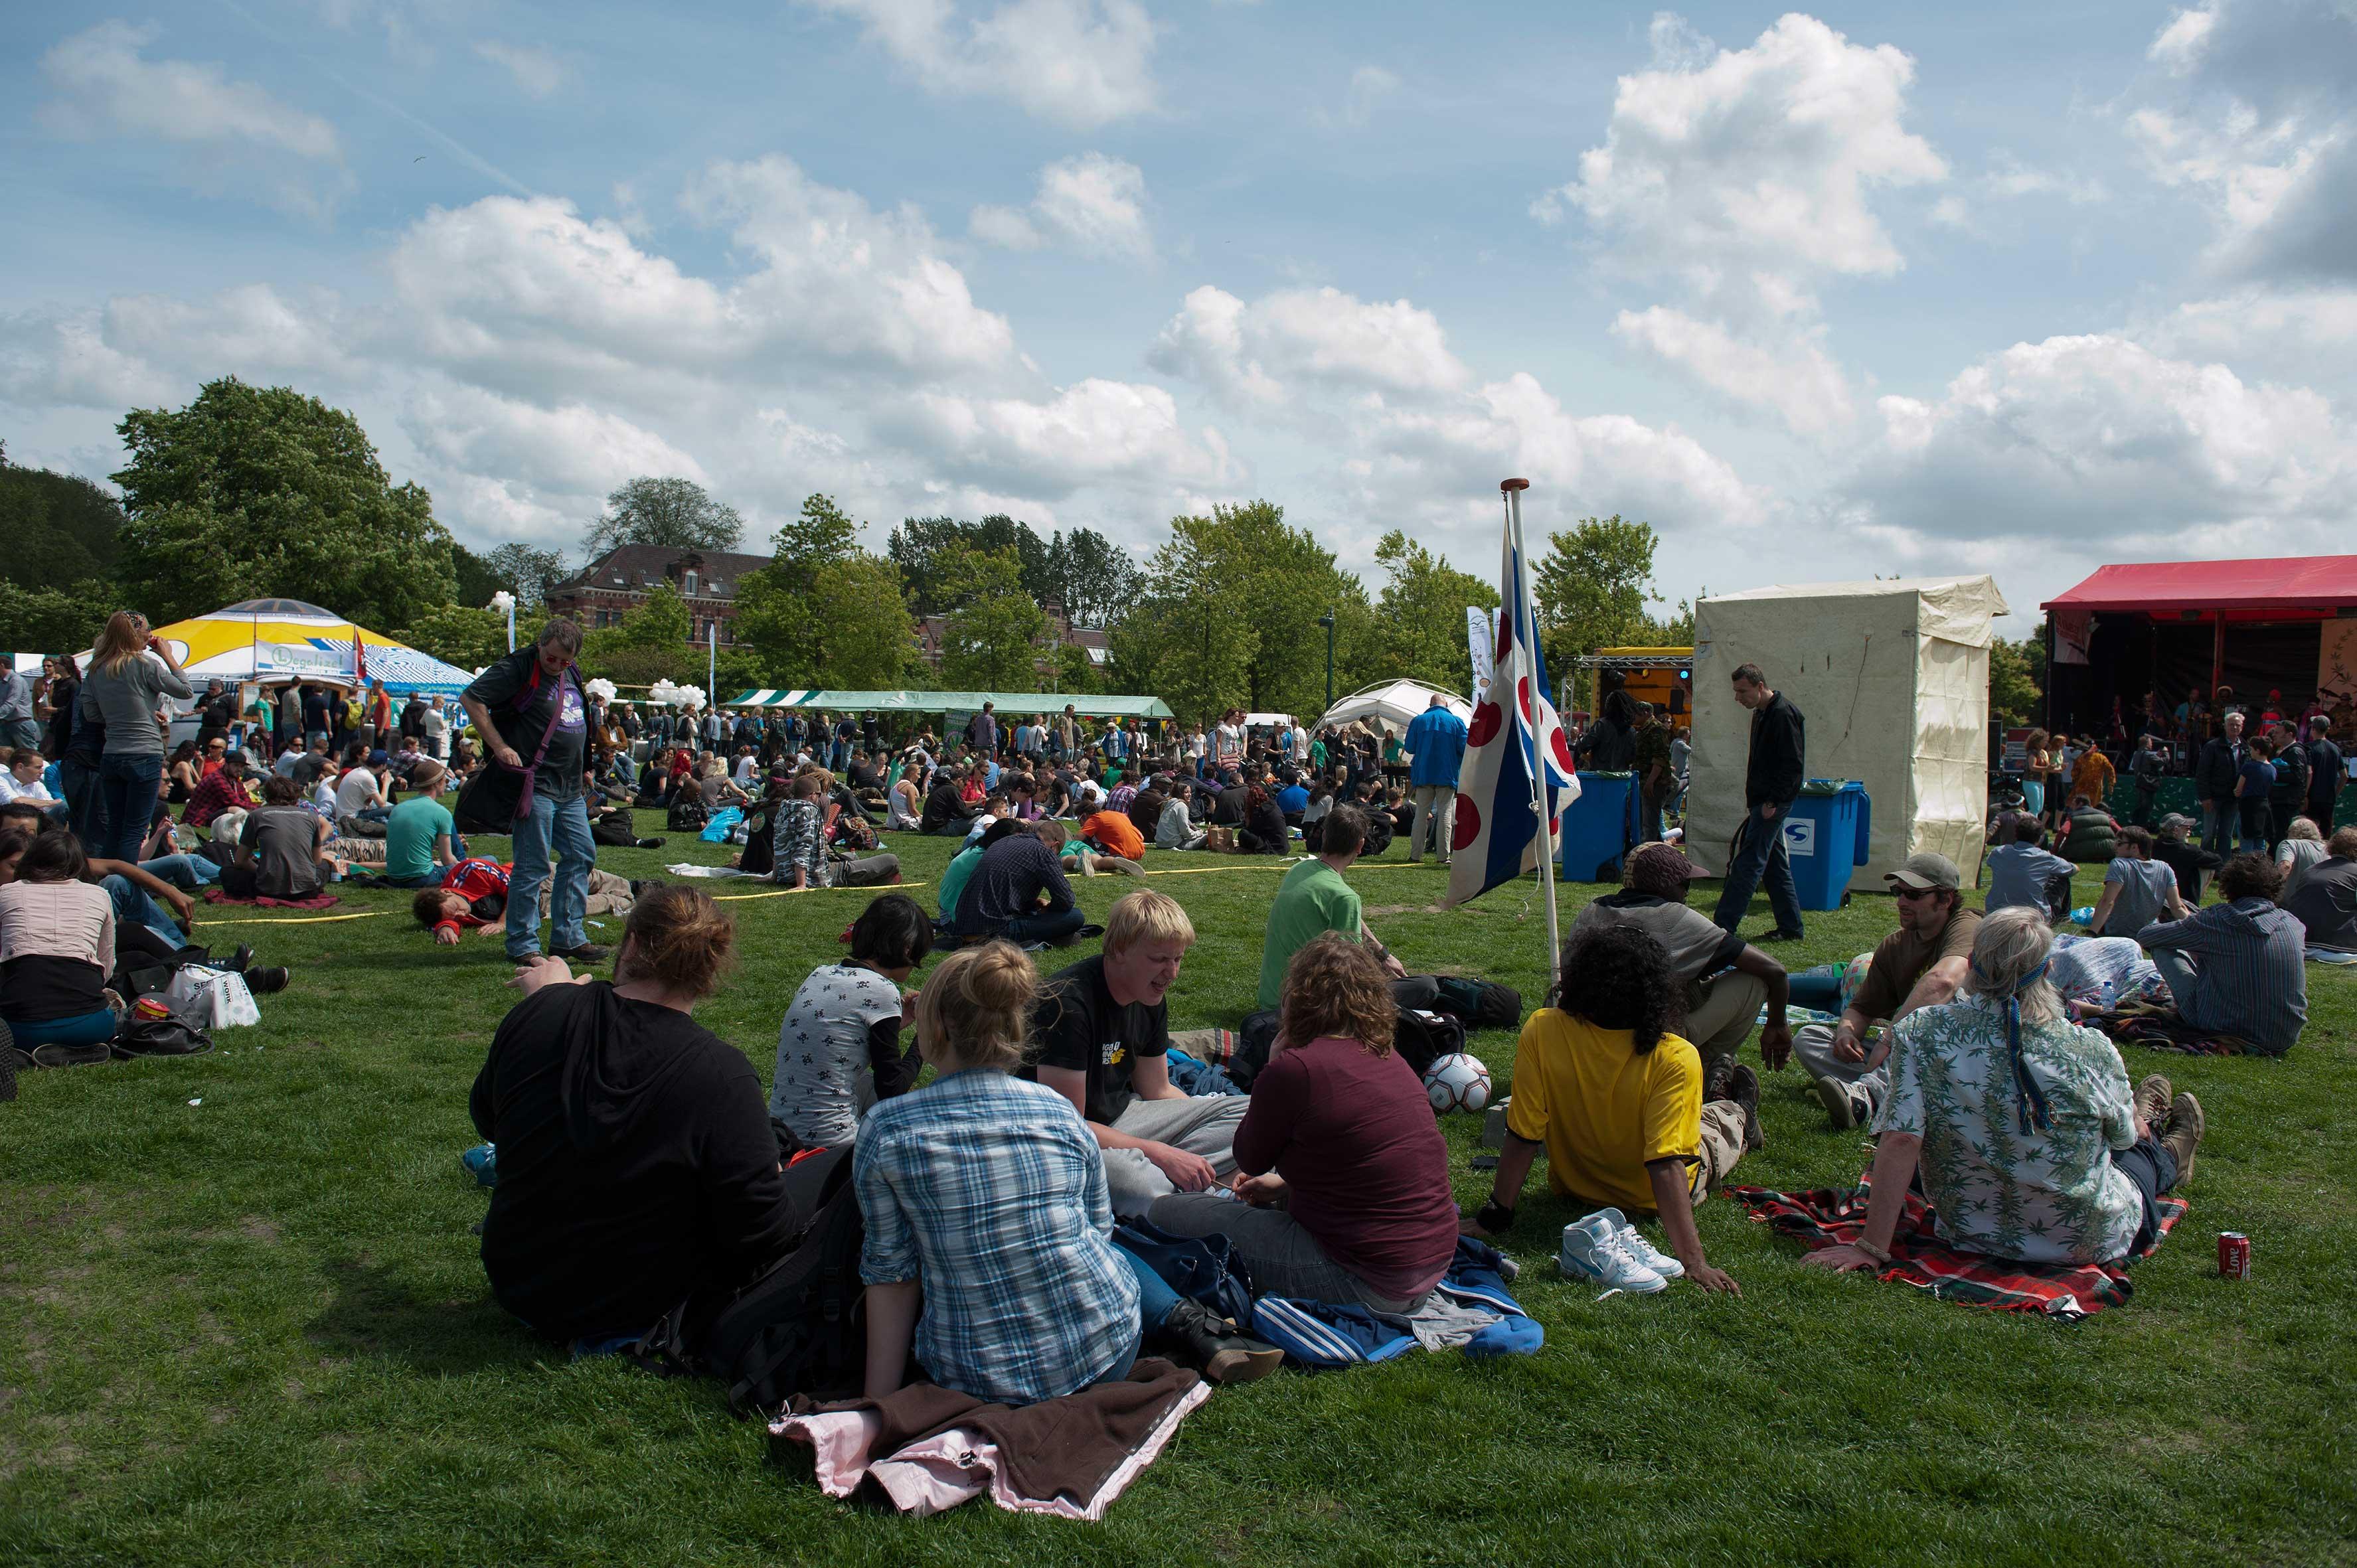 Gezellige drukte op Cannabis Bevrijdingsdag in het Westerpark... Helaas voltooid verleden tijd.